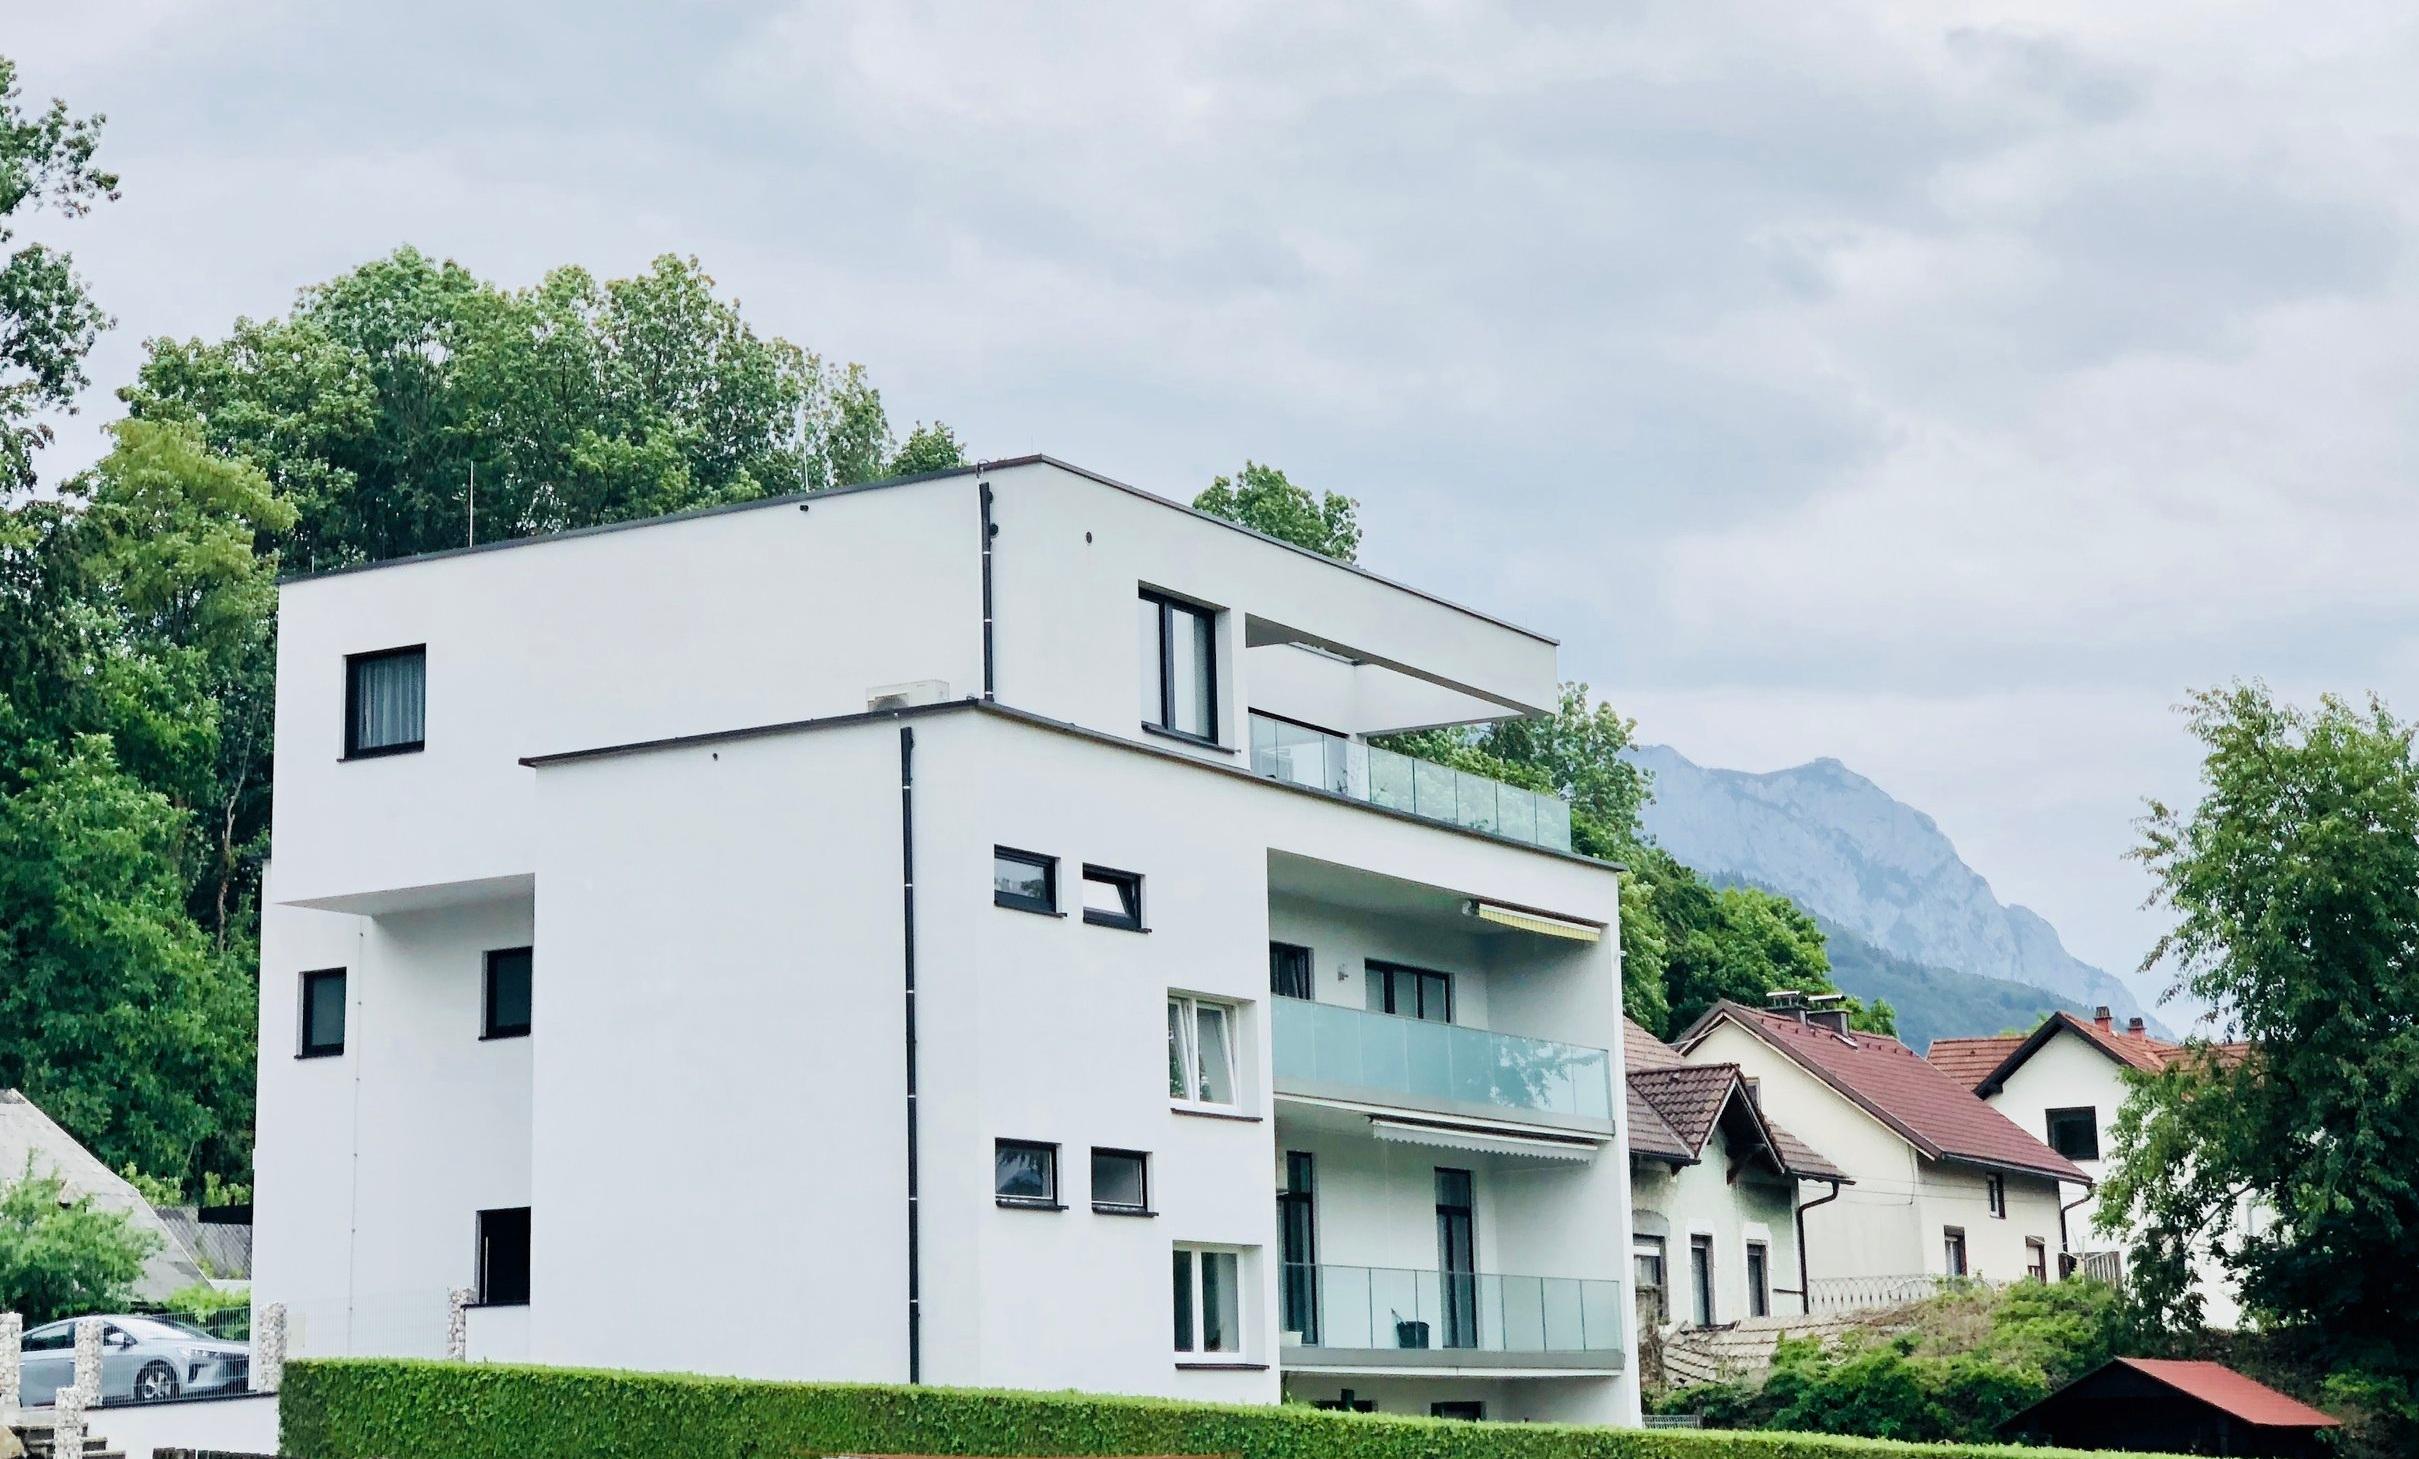 penthouse d/ gmunden - fassade fertiggestellt und nurglasgeländer montiert